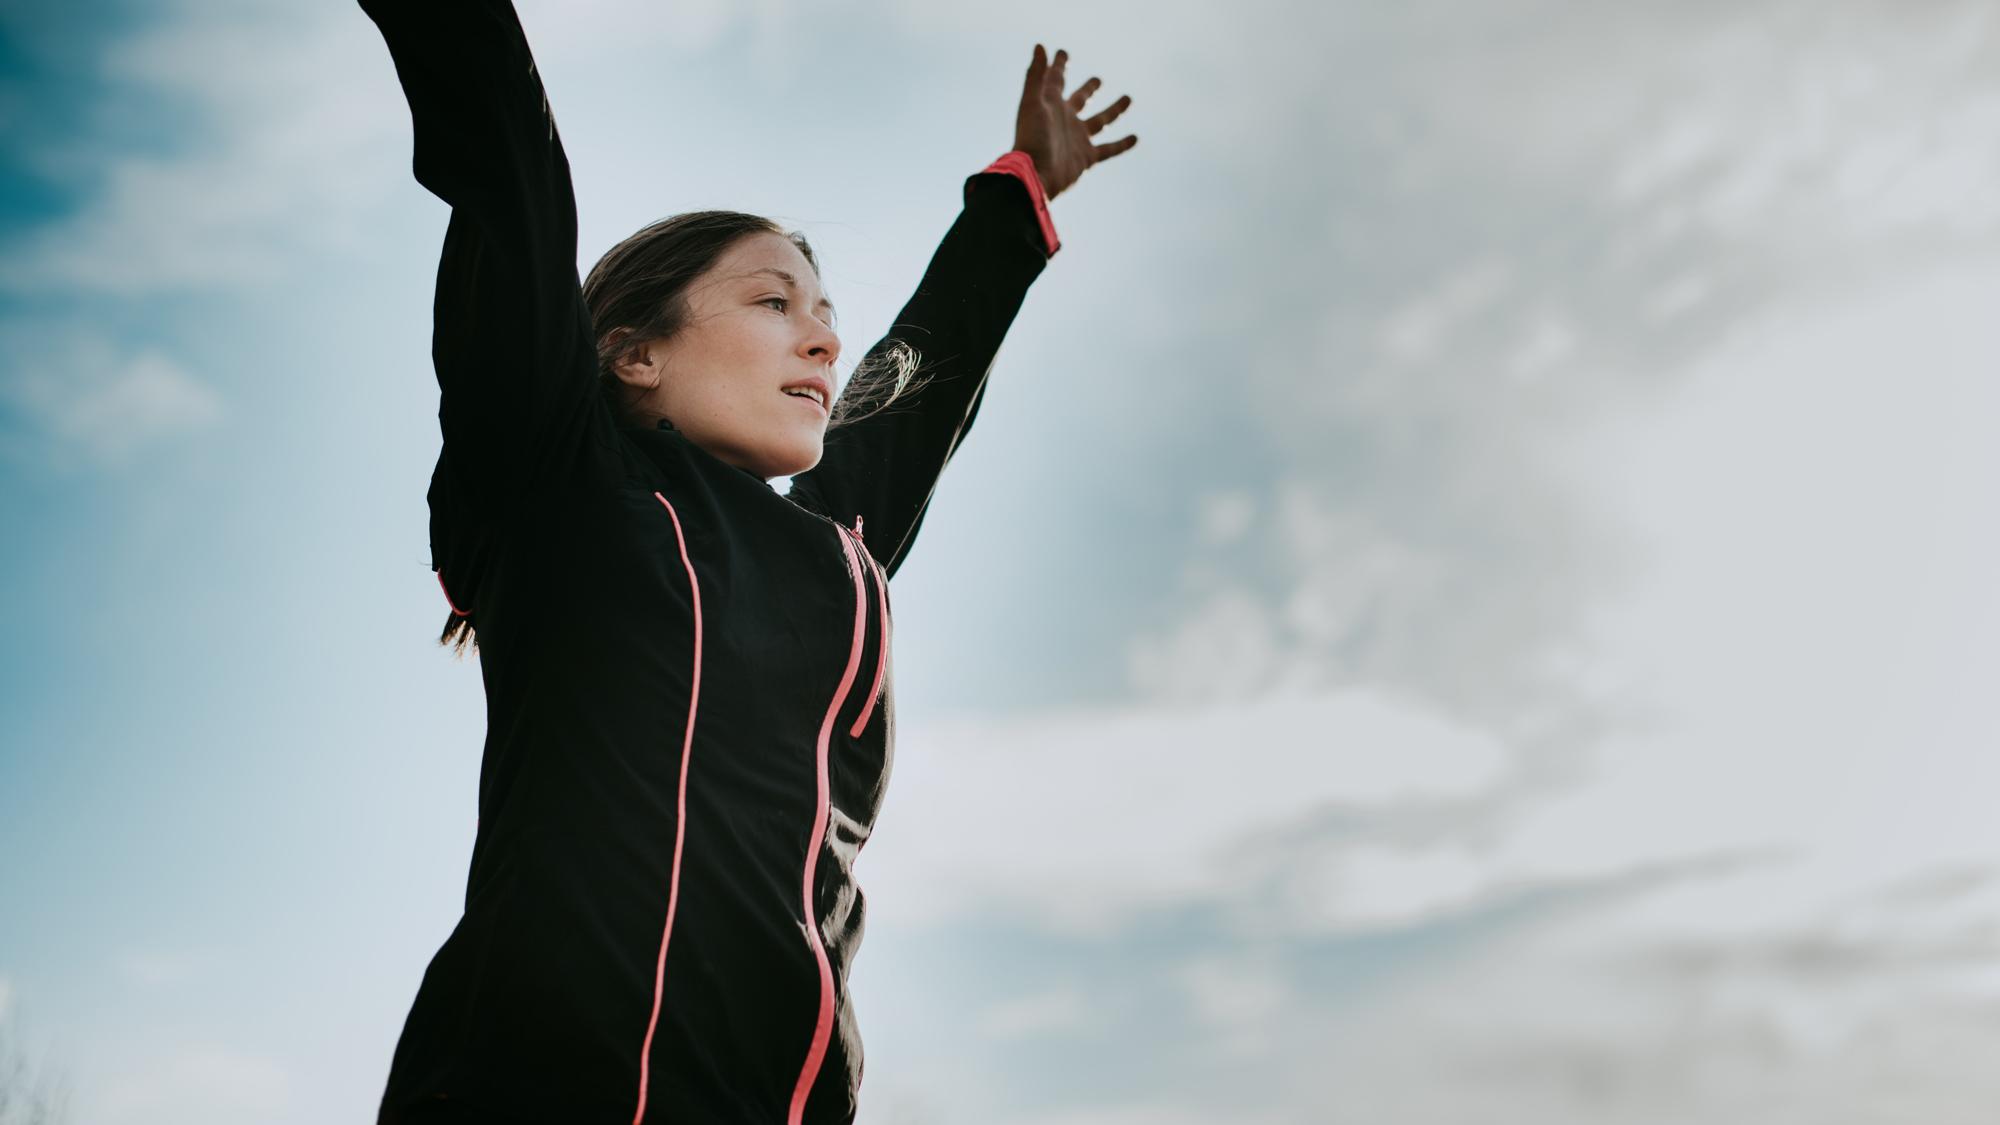 kvinna har på sig träningskläder och lyfter armarna mot himlen.